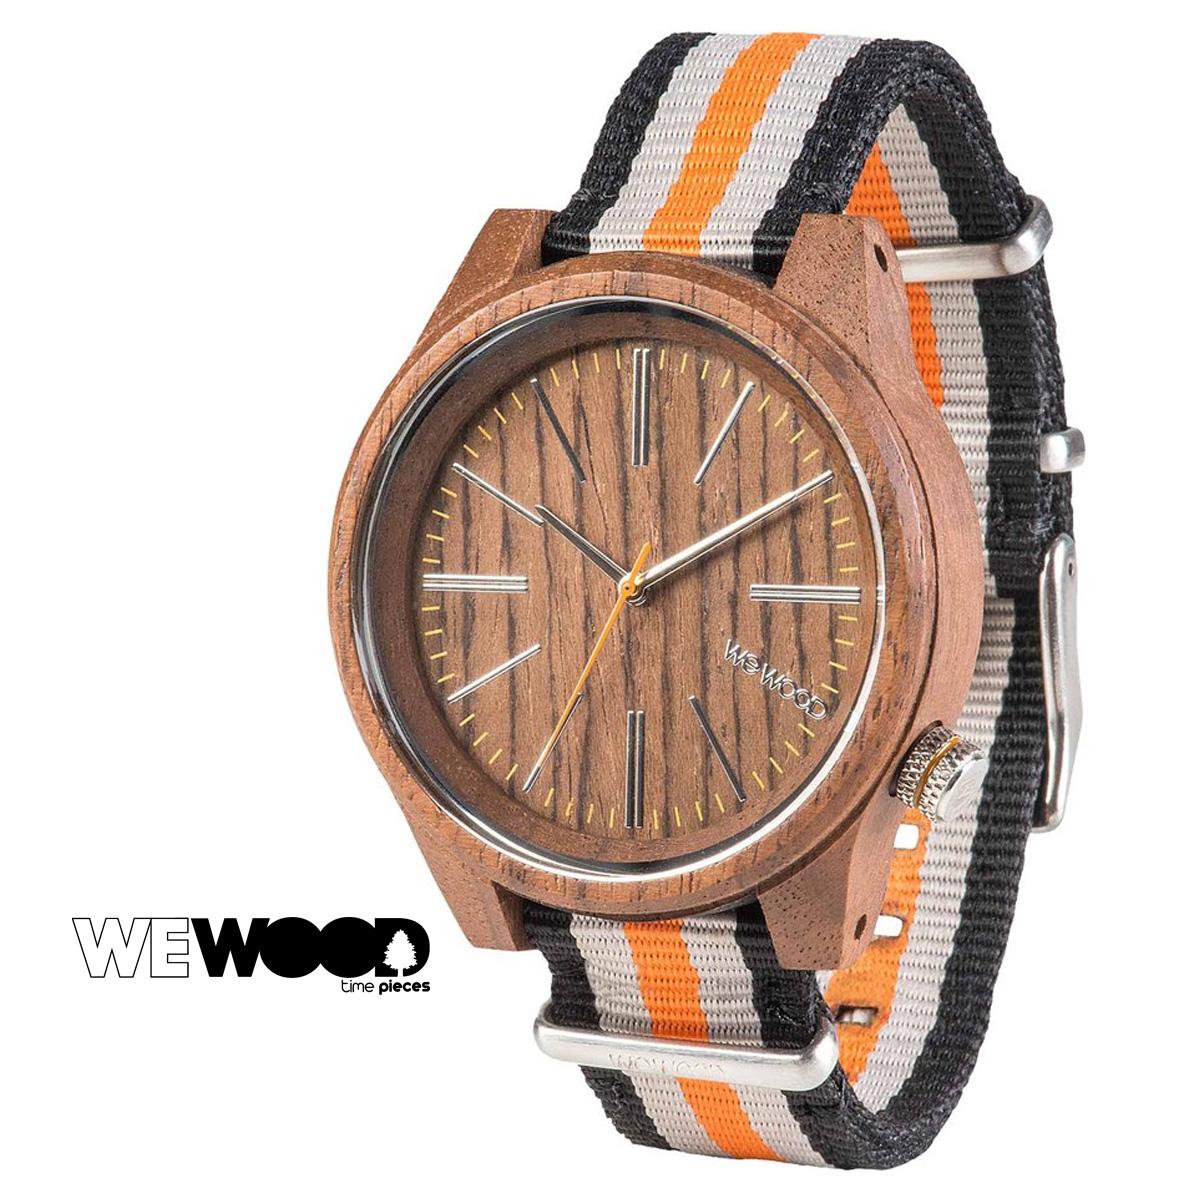 ウィーウッド 腕時計 レディース WEWOOD TORPEDO オレンジ NUT ORANGE メンズ